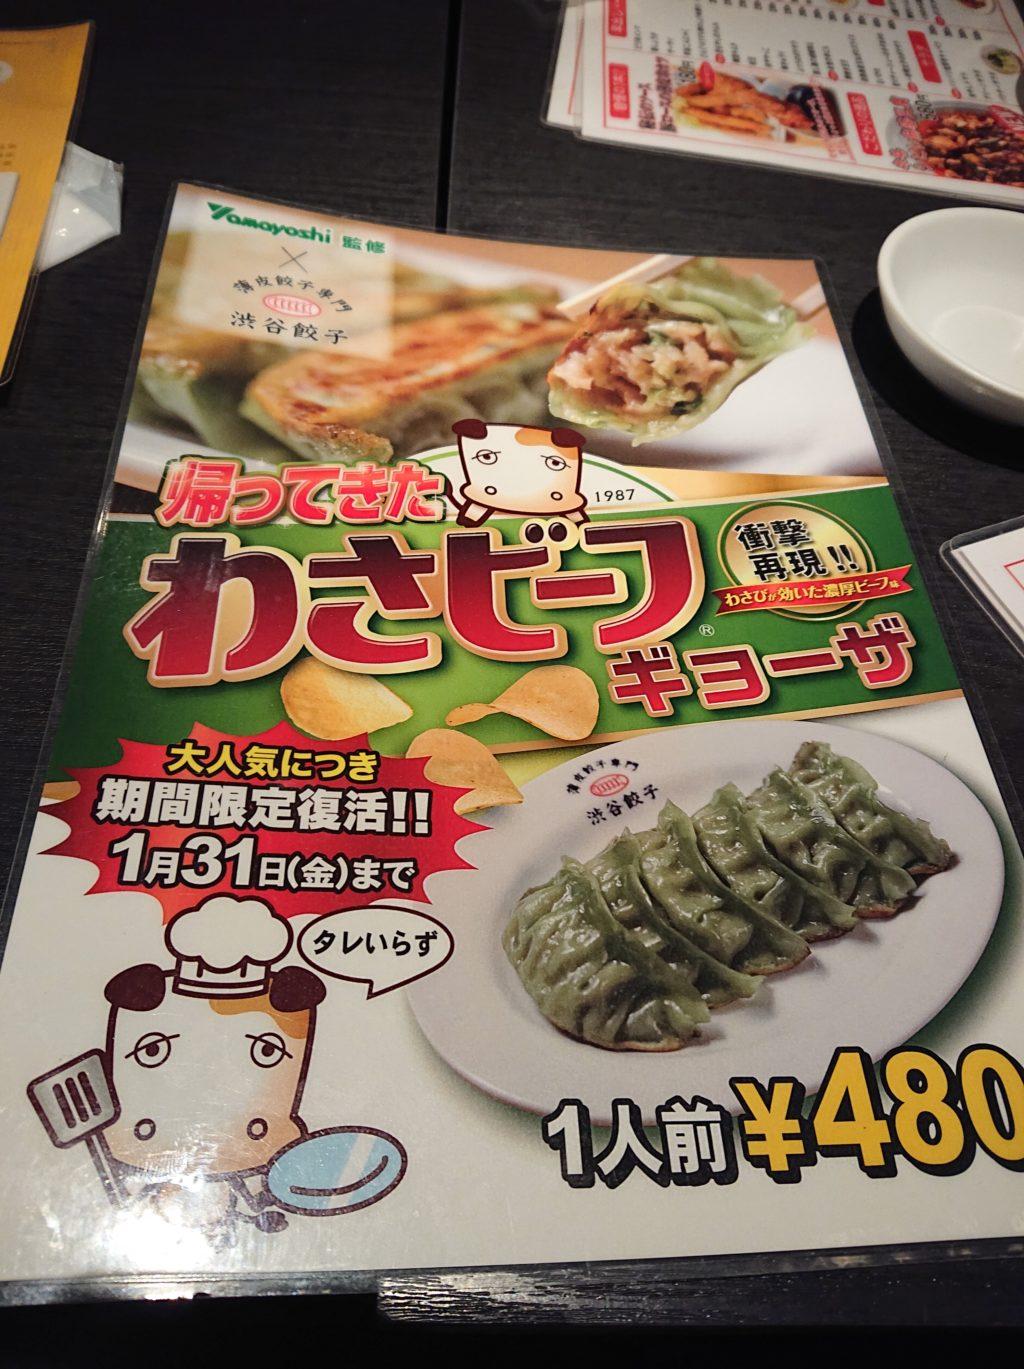 渋谷餃子 恵比寿店 わさビーフギョーザメニュー